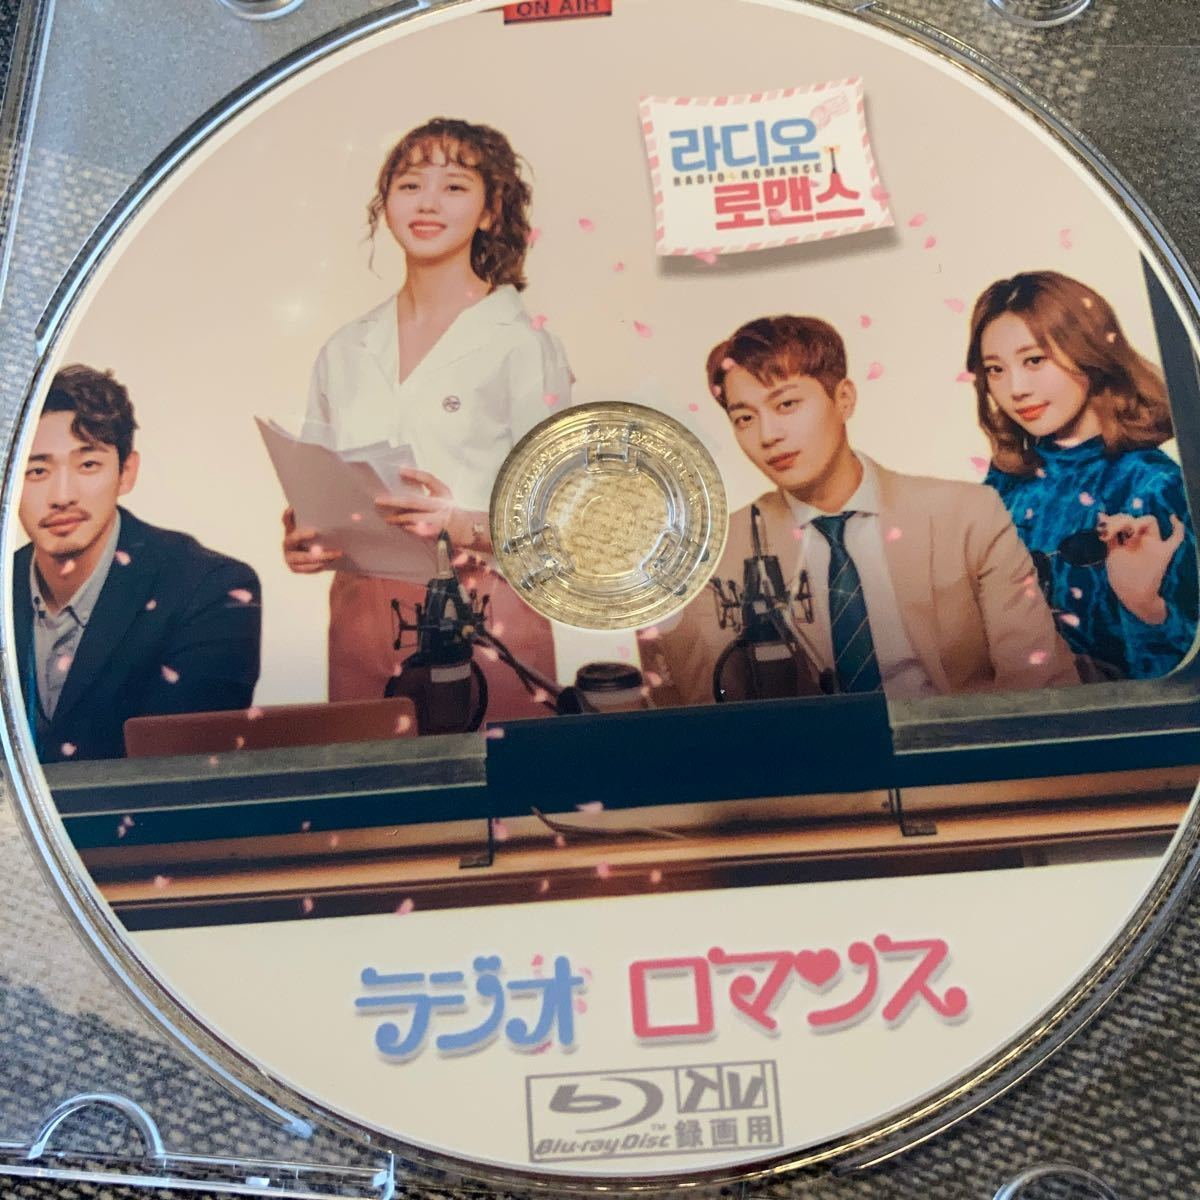 ラジオロマンス 全話 Blu-ray